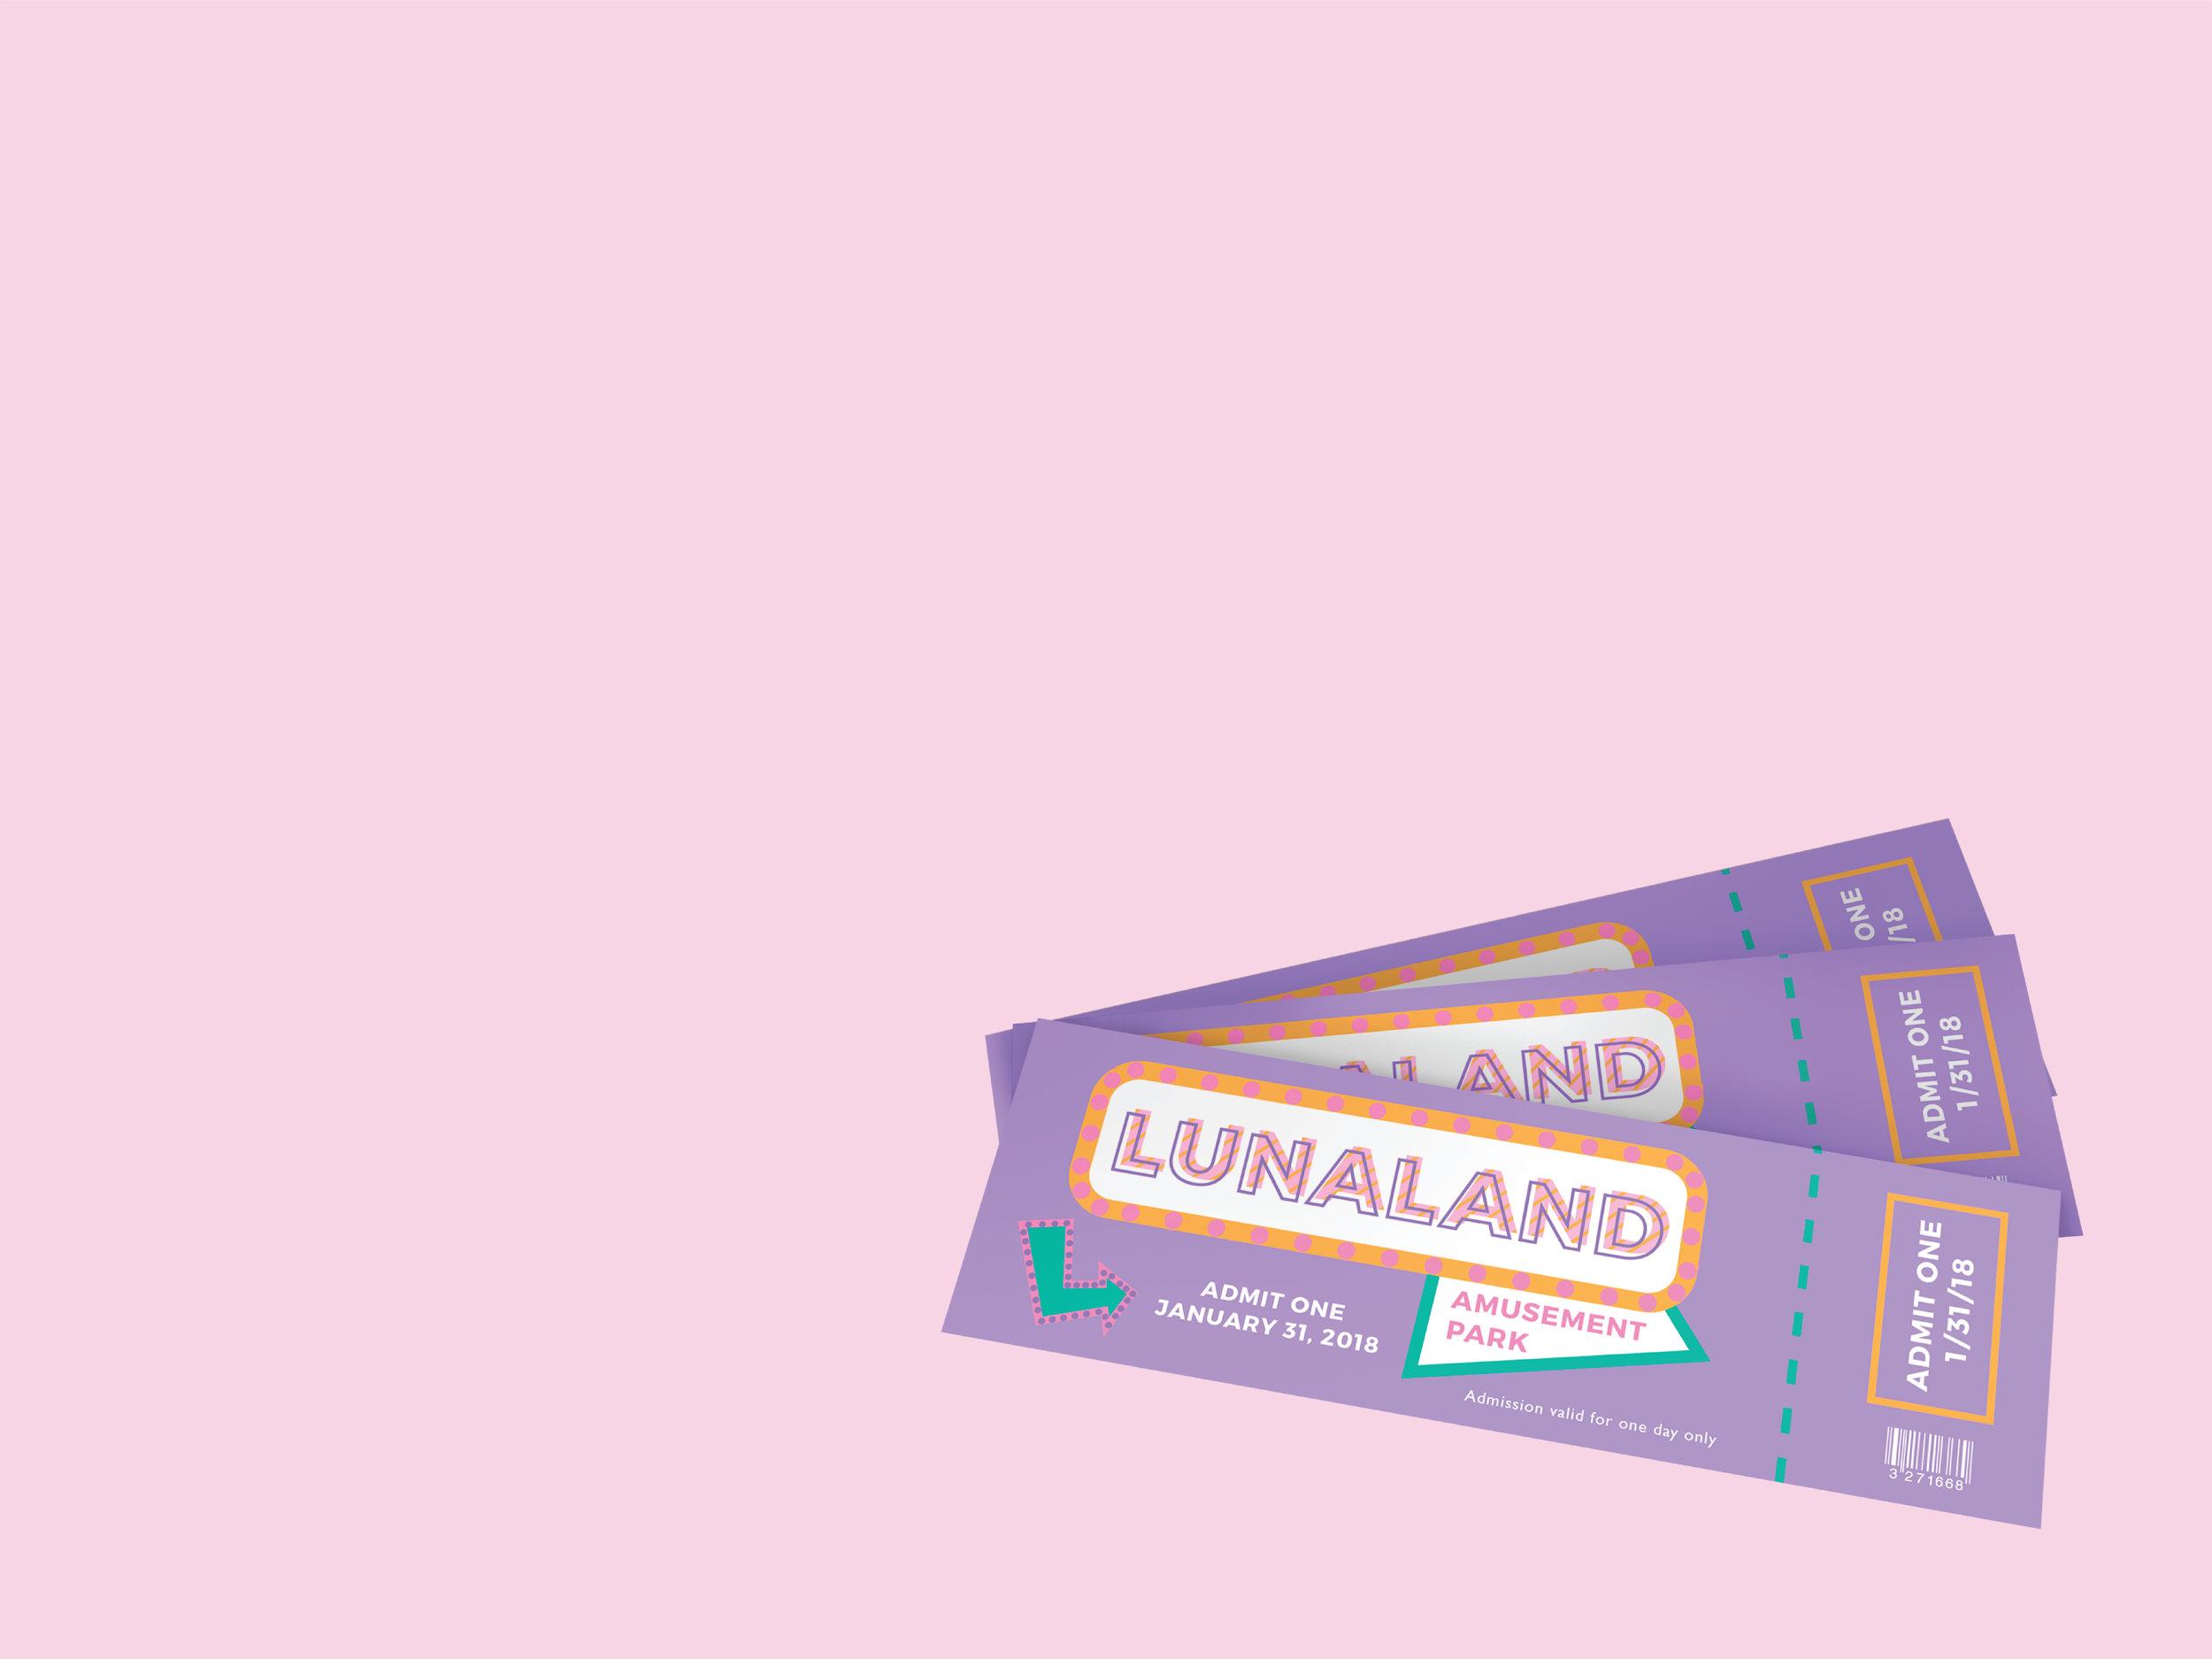 LunalandTickets.jpg